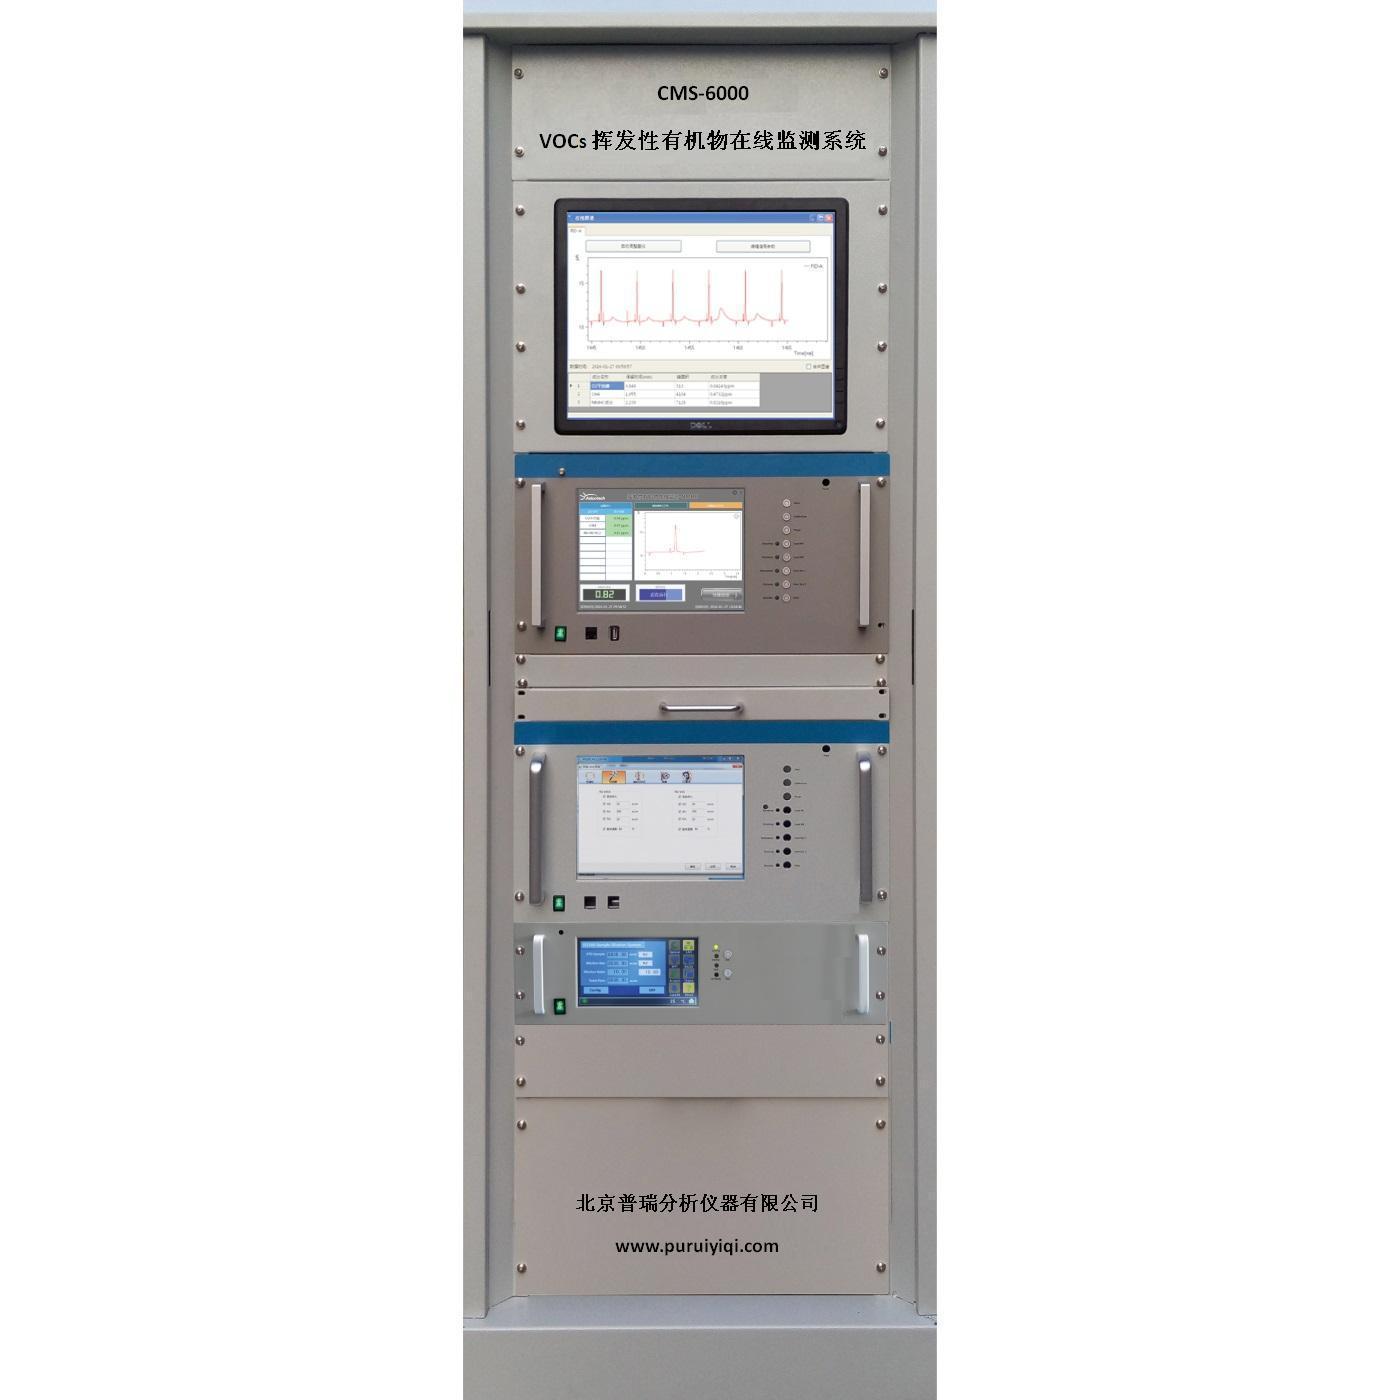 北京普瑞 挥发性有机物(VOCs)连续在线监测系统 空气监测,在线监测仪